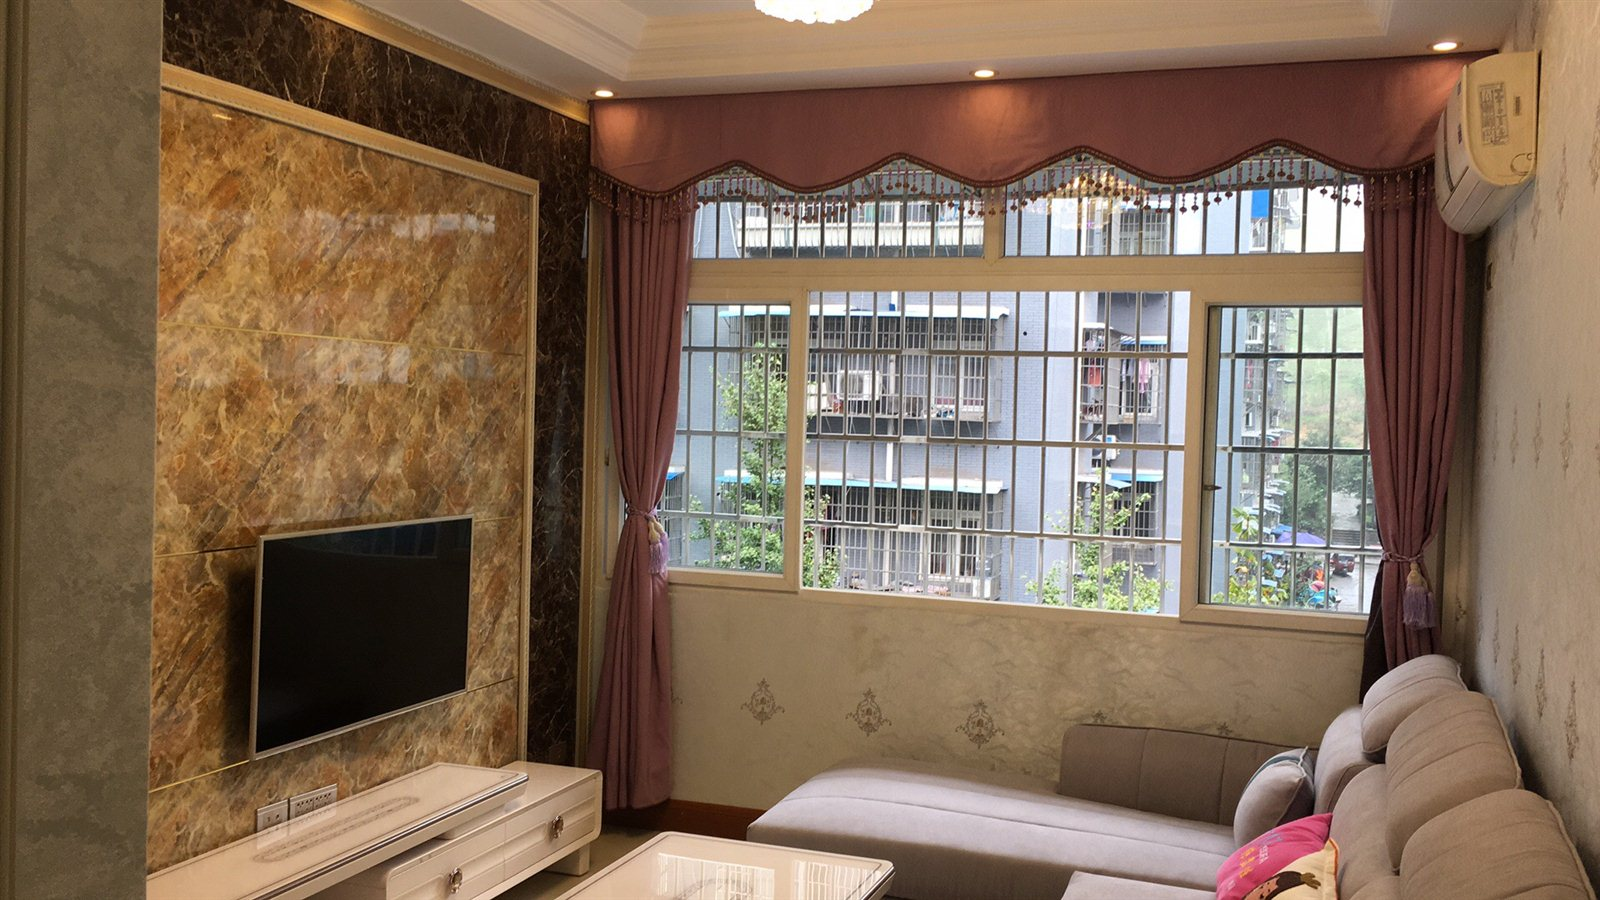 塔山3室1厅1卫精装修,仅售26万元,楼层好!